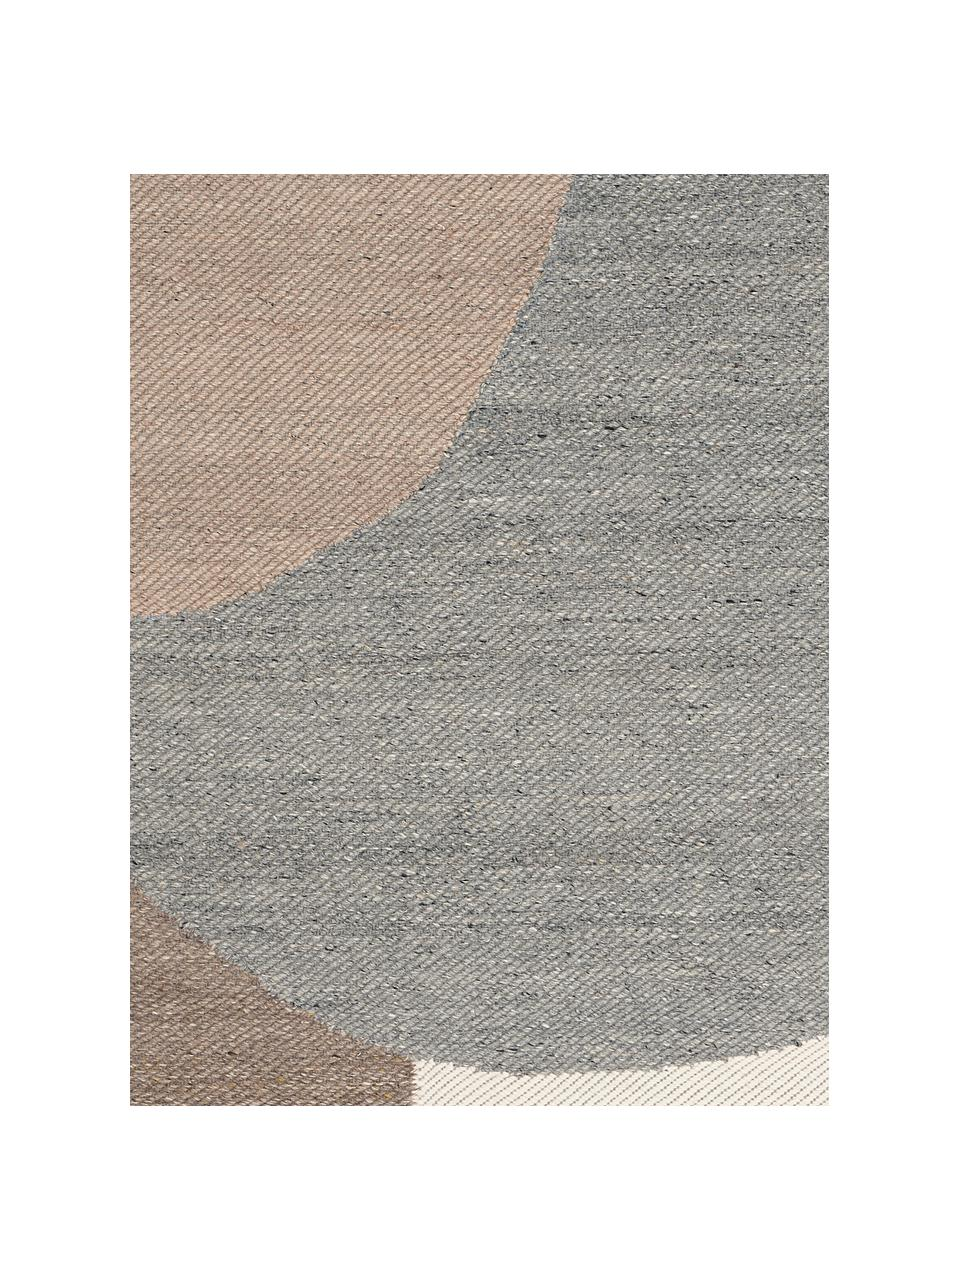 Handgeweven wollen vloerkleed Eik, Franjes: 100% katoen, Grijs- en beigetinten, B 200 x L 300 cm (maat L)